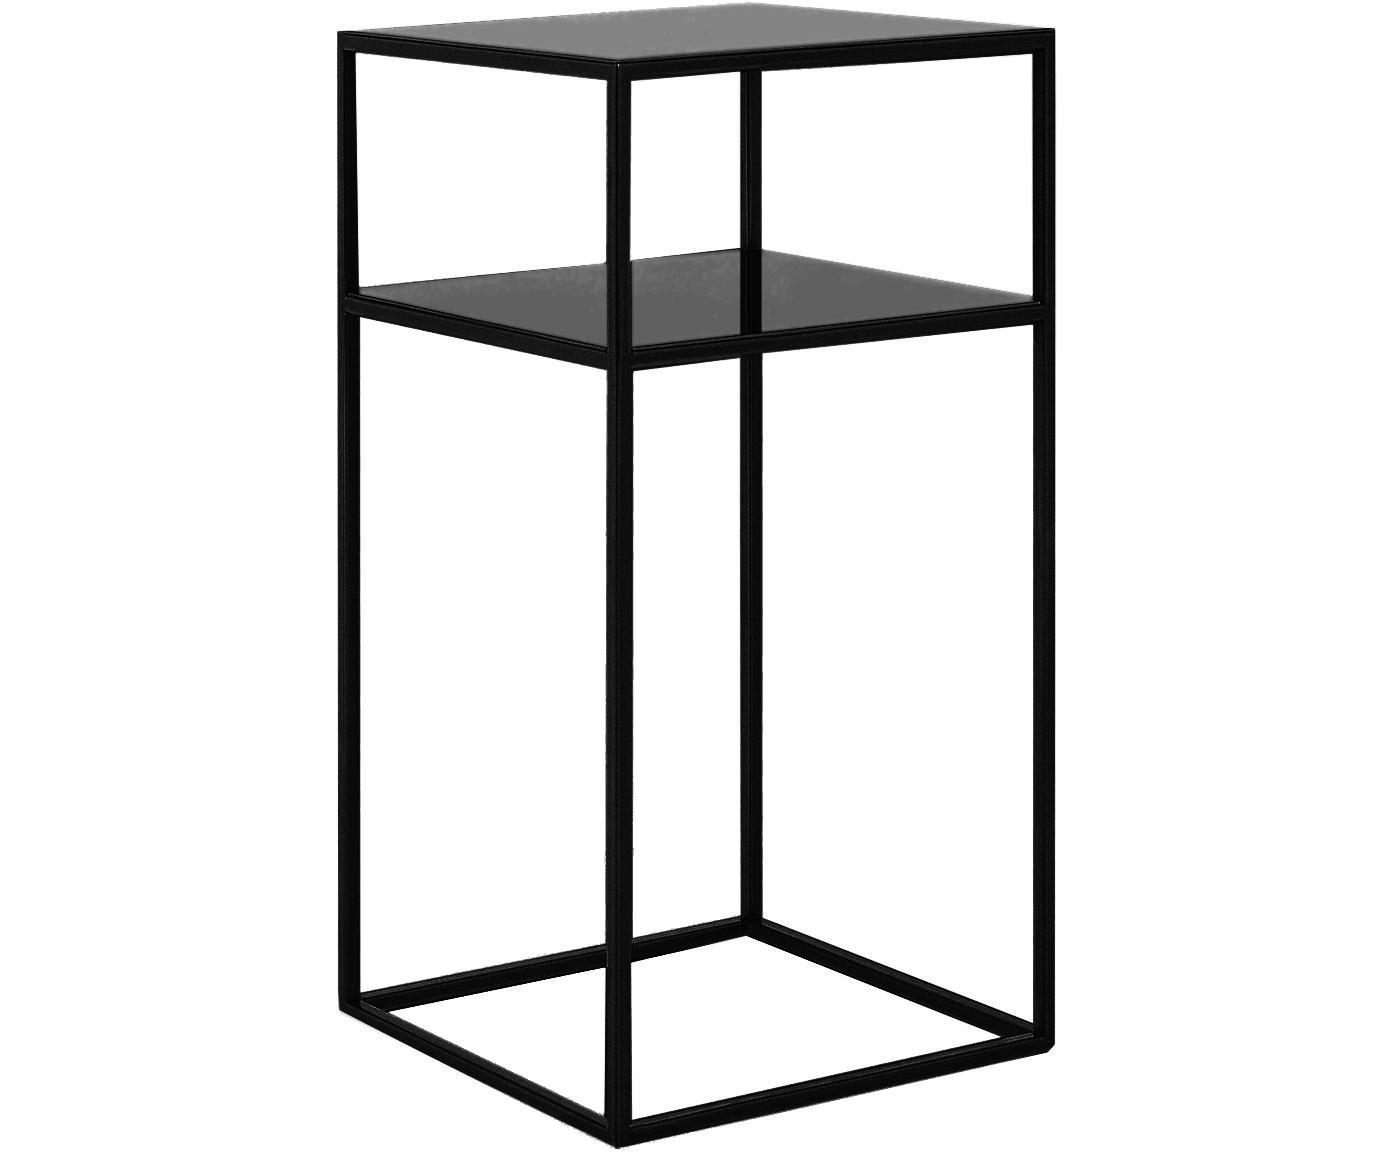 Stolik pomocniczy z metalu Tensio Oli, Metal malowany proszkowo, Czarny, S 30 x T 30 cm